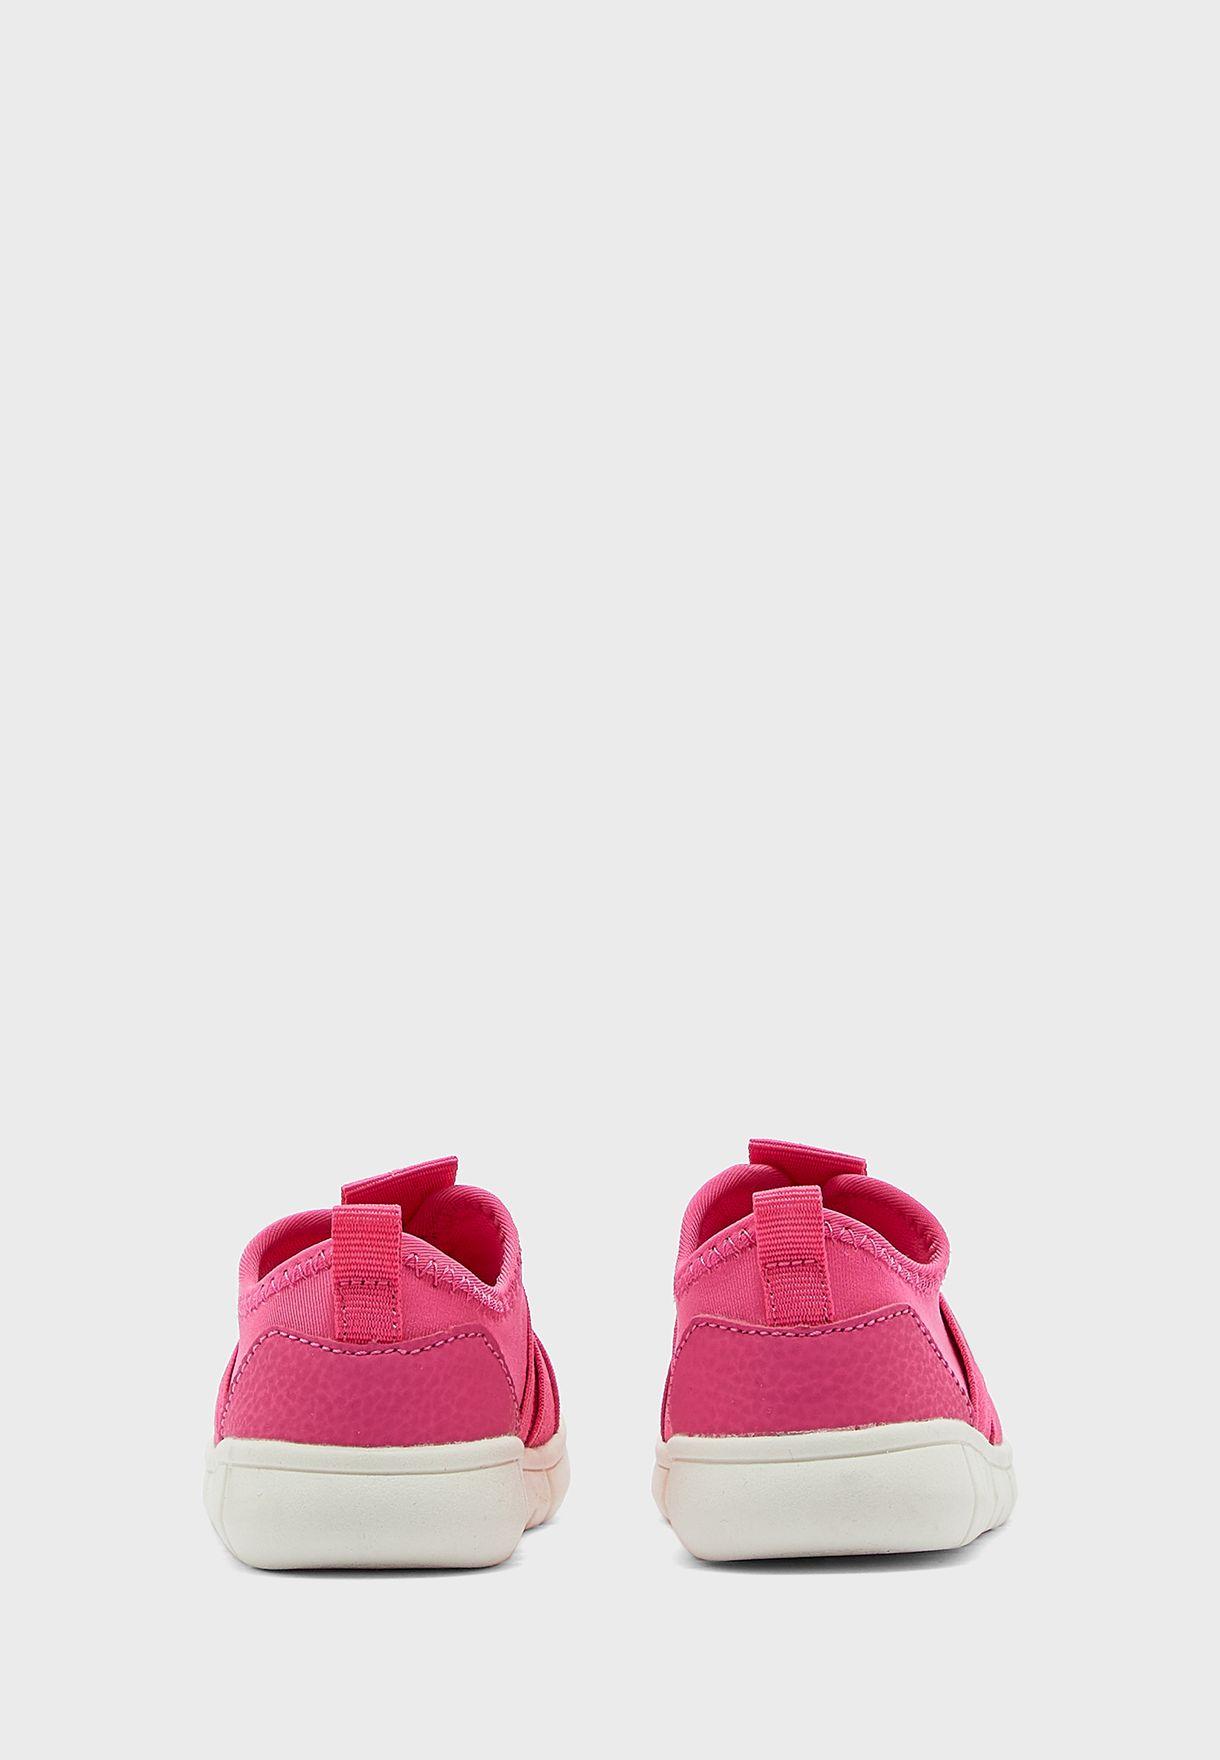 حذاء بنمط جورب للبيبي